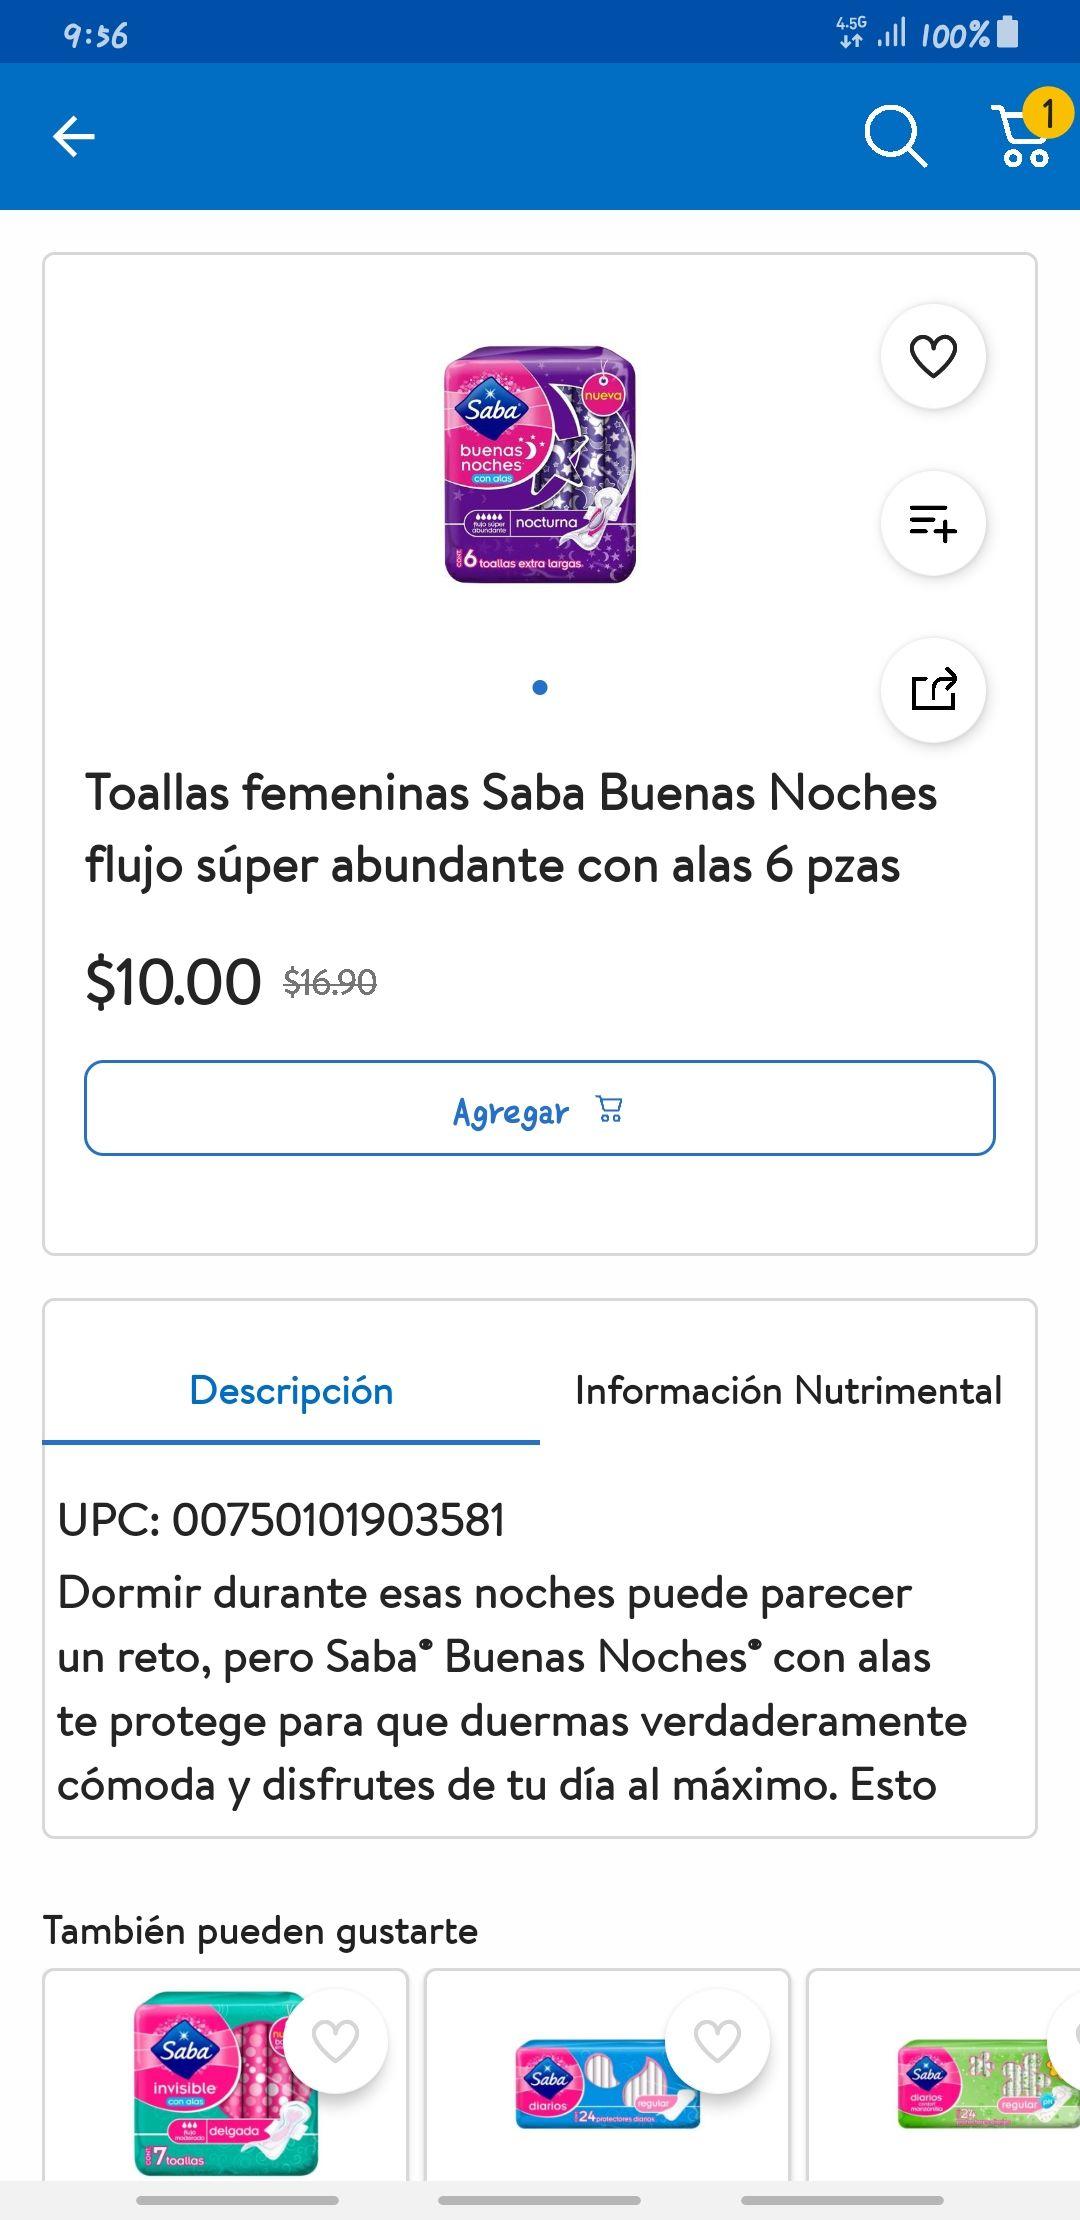 Walmart Toallas femeninas Saba Buenas Noches